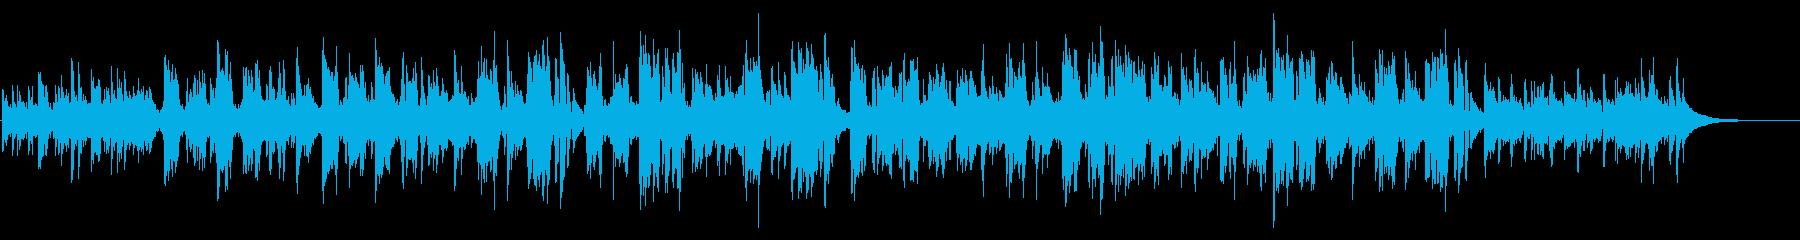 曲の作成に関するすべてのアコーステ...の再生済みの波形